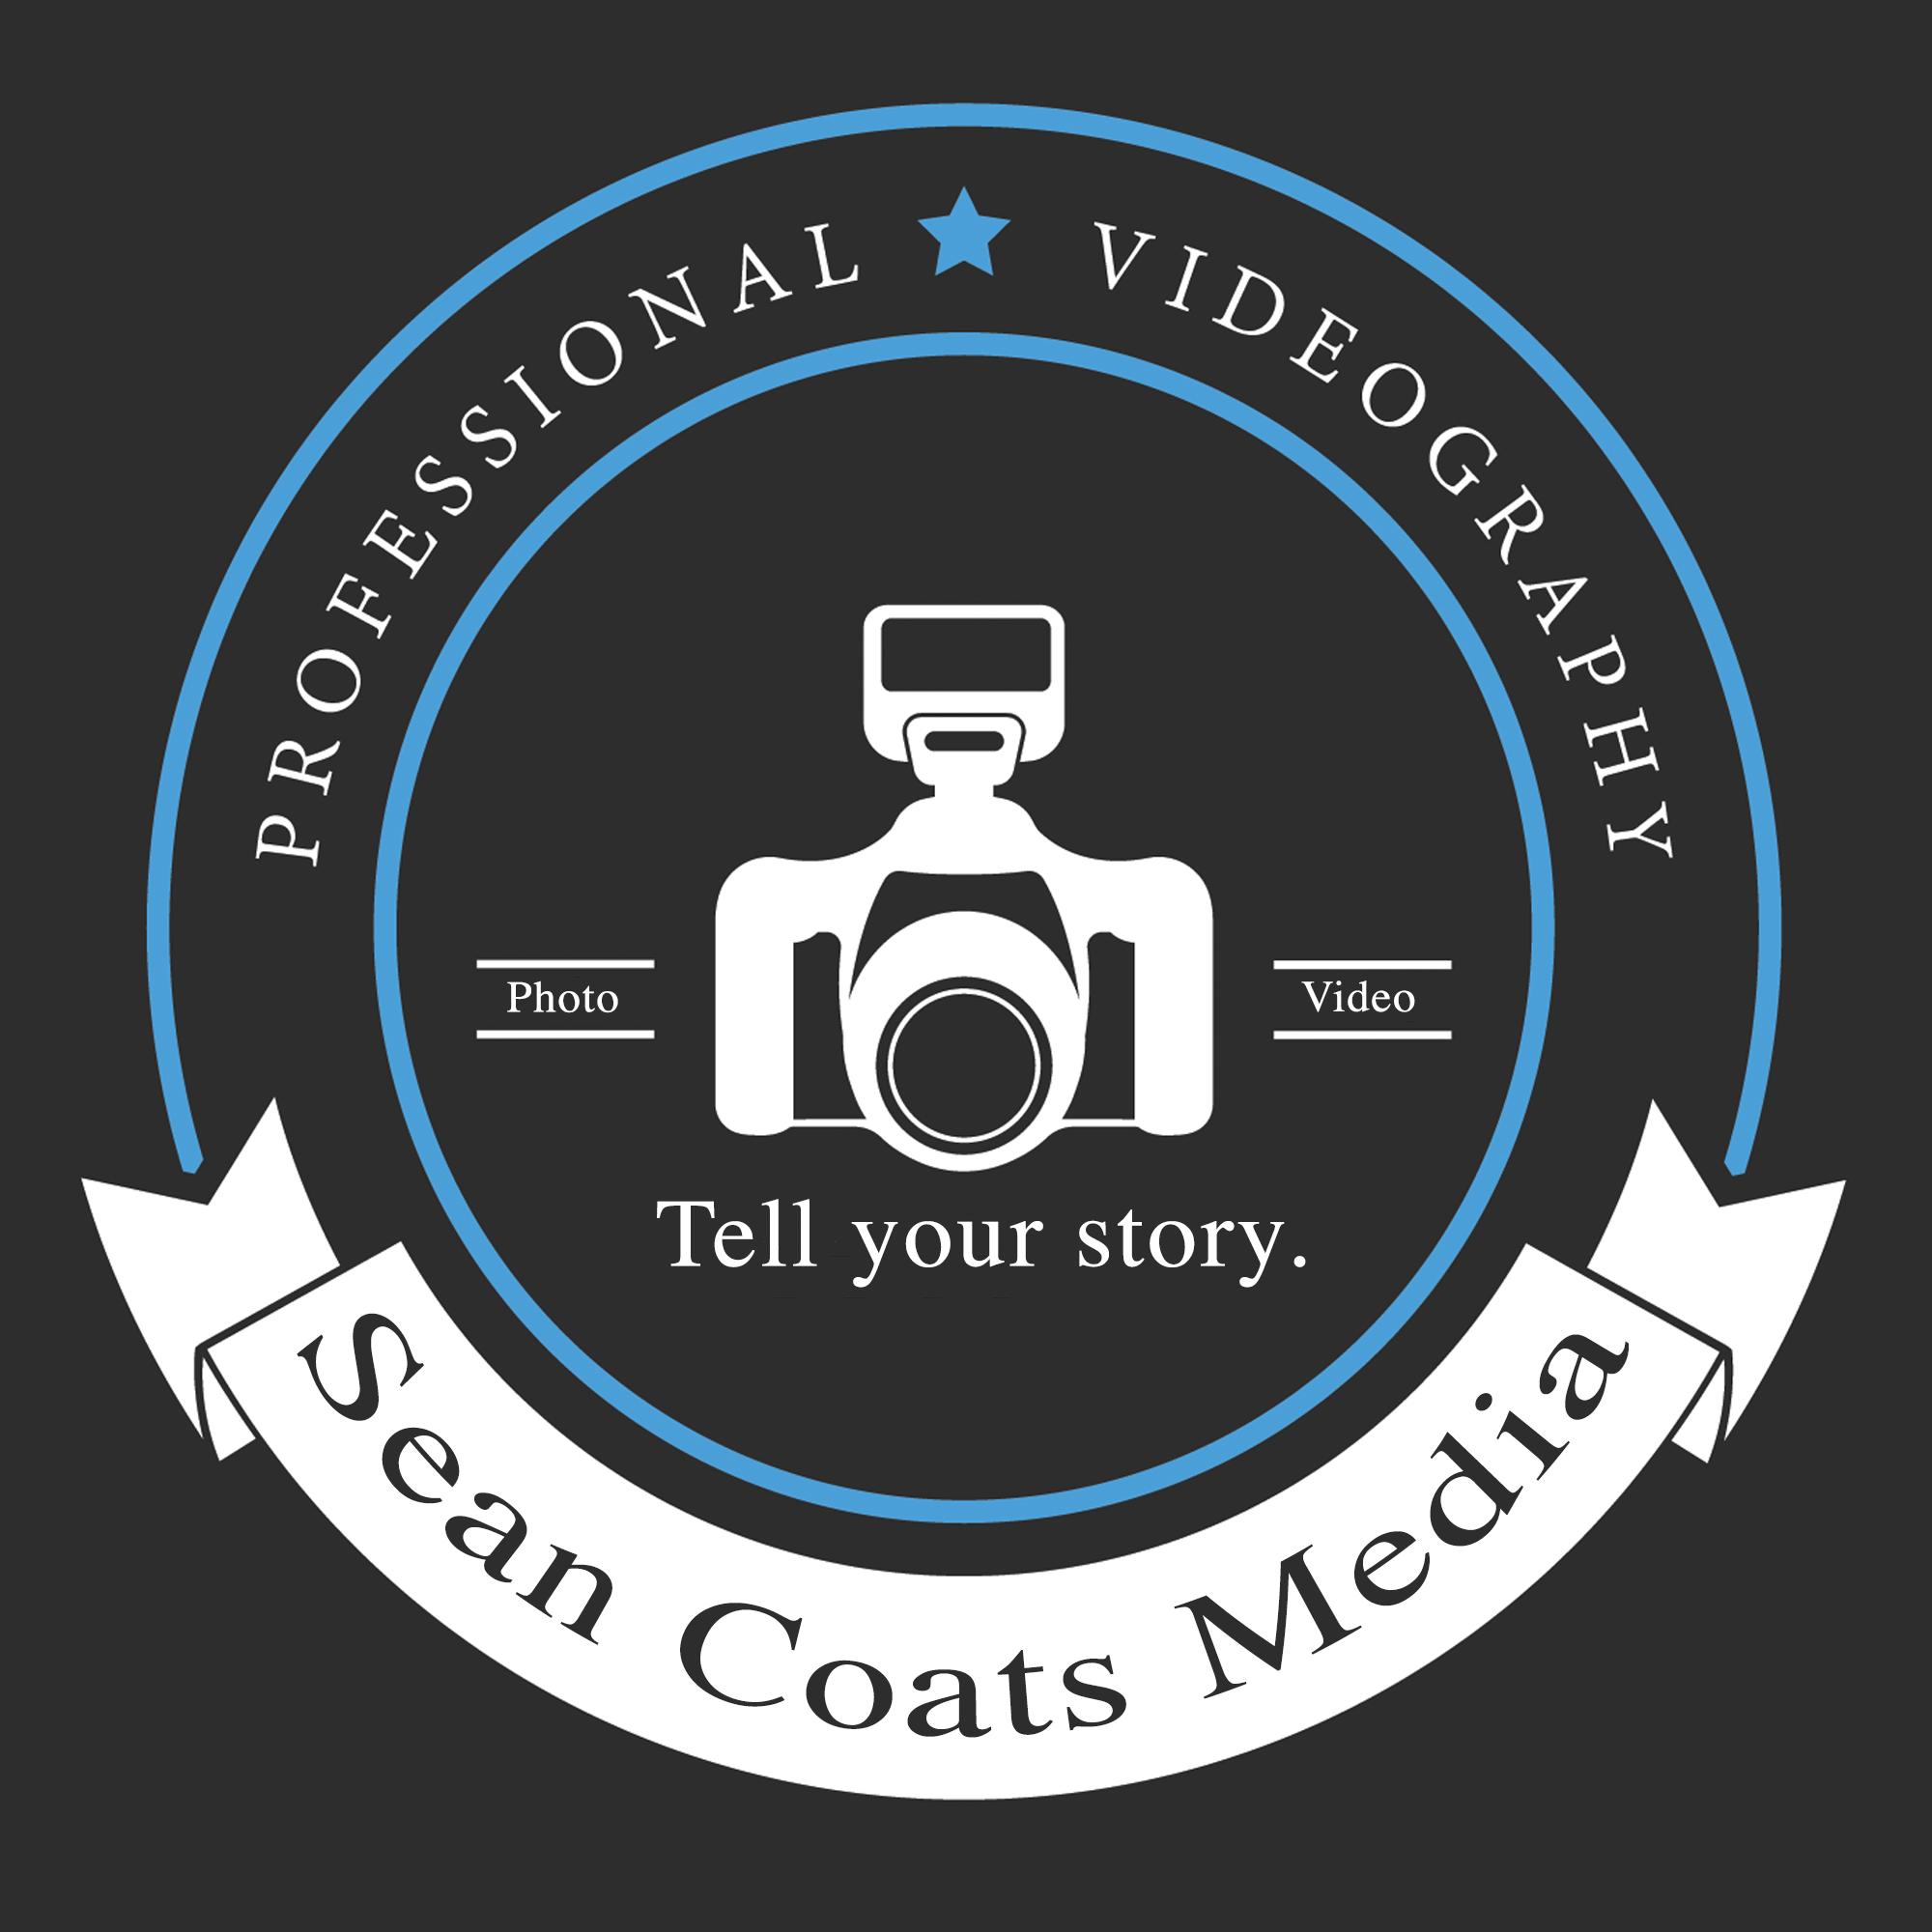 Sean Coats Media